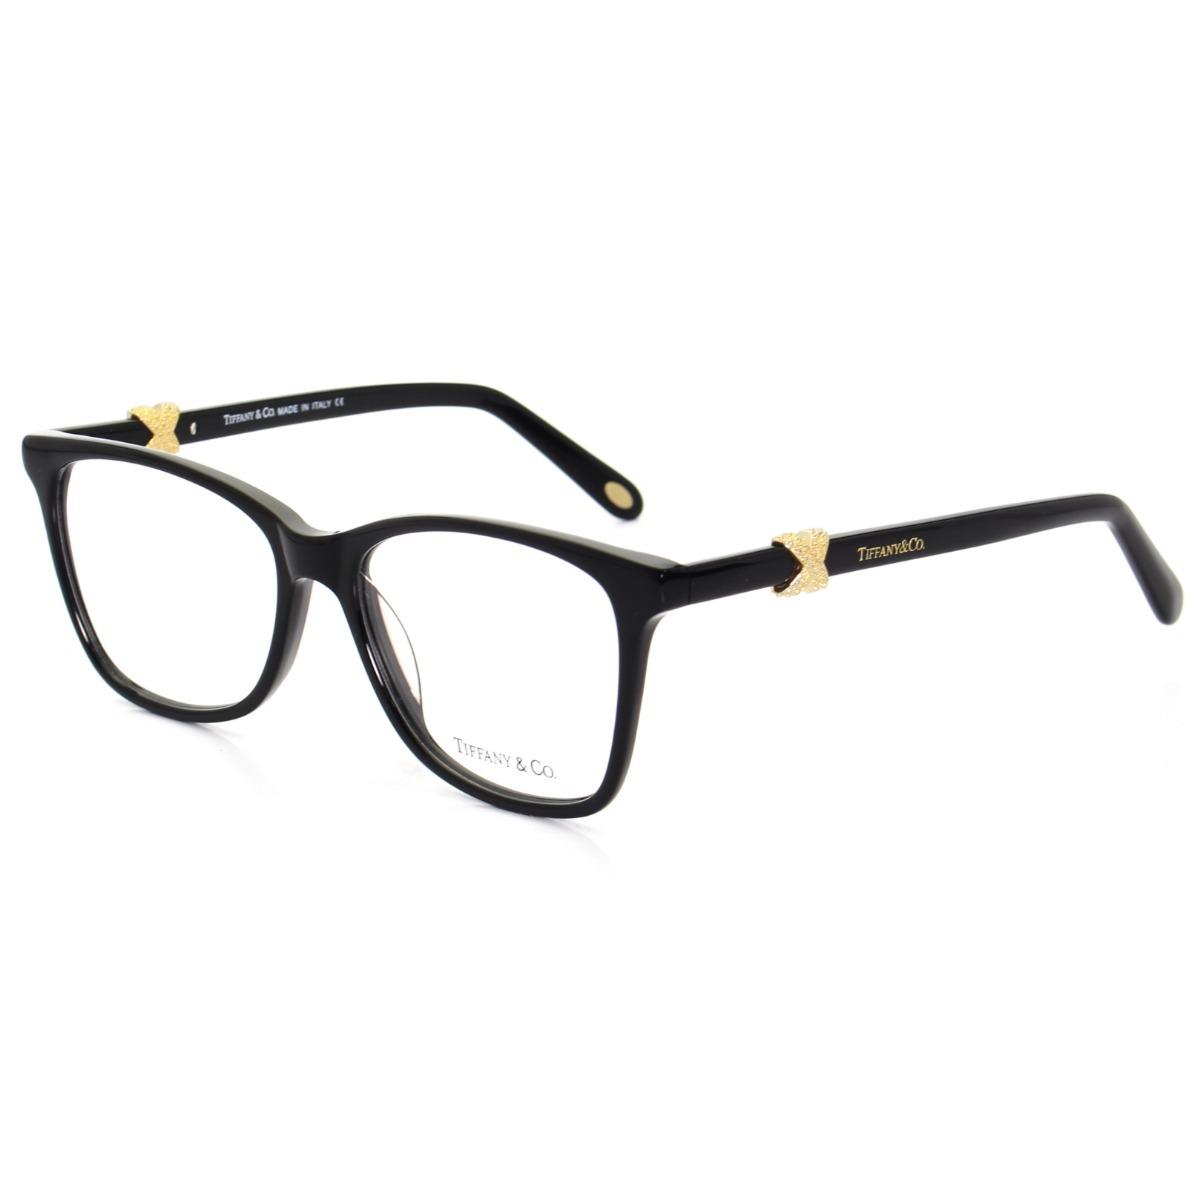 armação de grau - tiffany   co. laço - tf2220b 8139 oculos. Carregando zoom. 3d297b4bdb